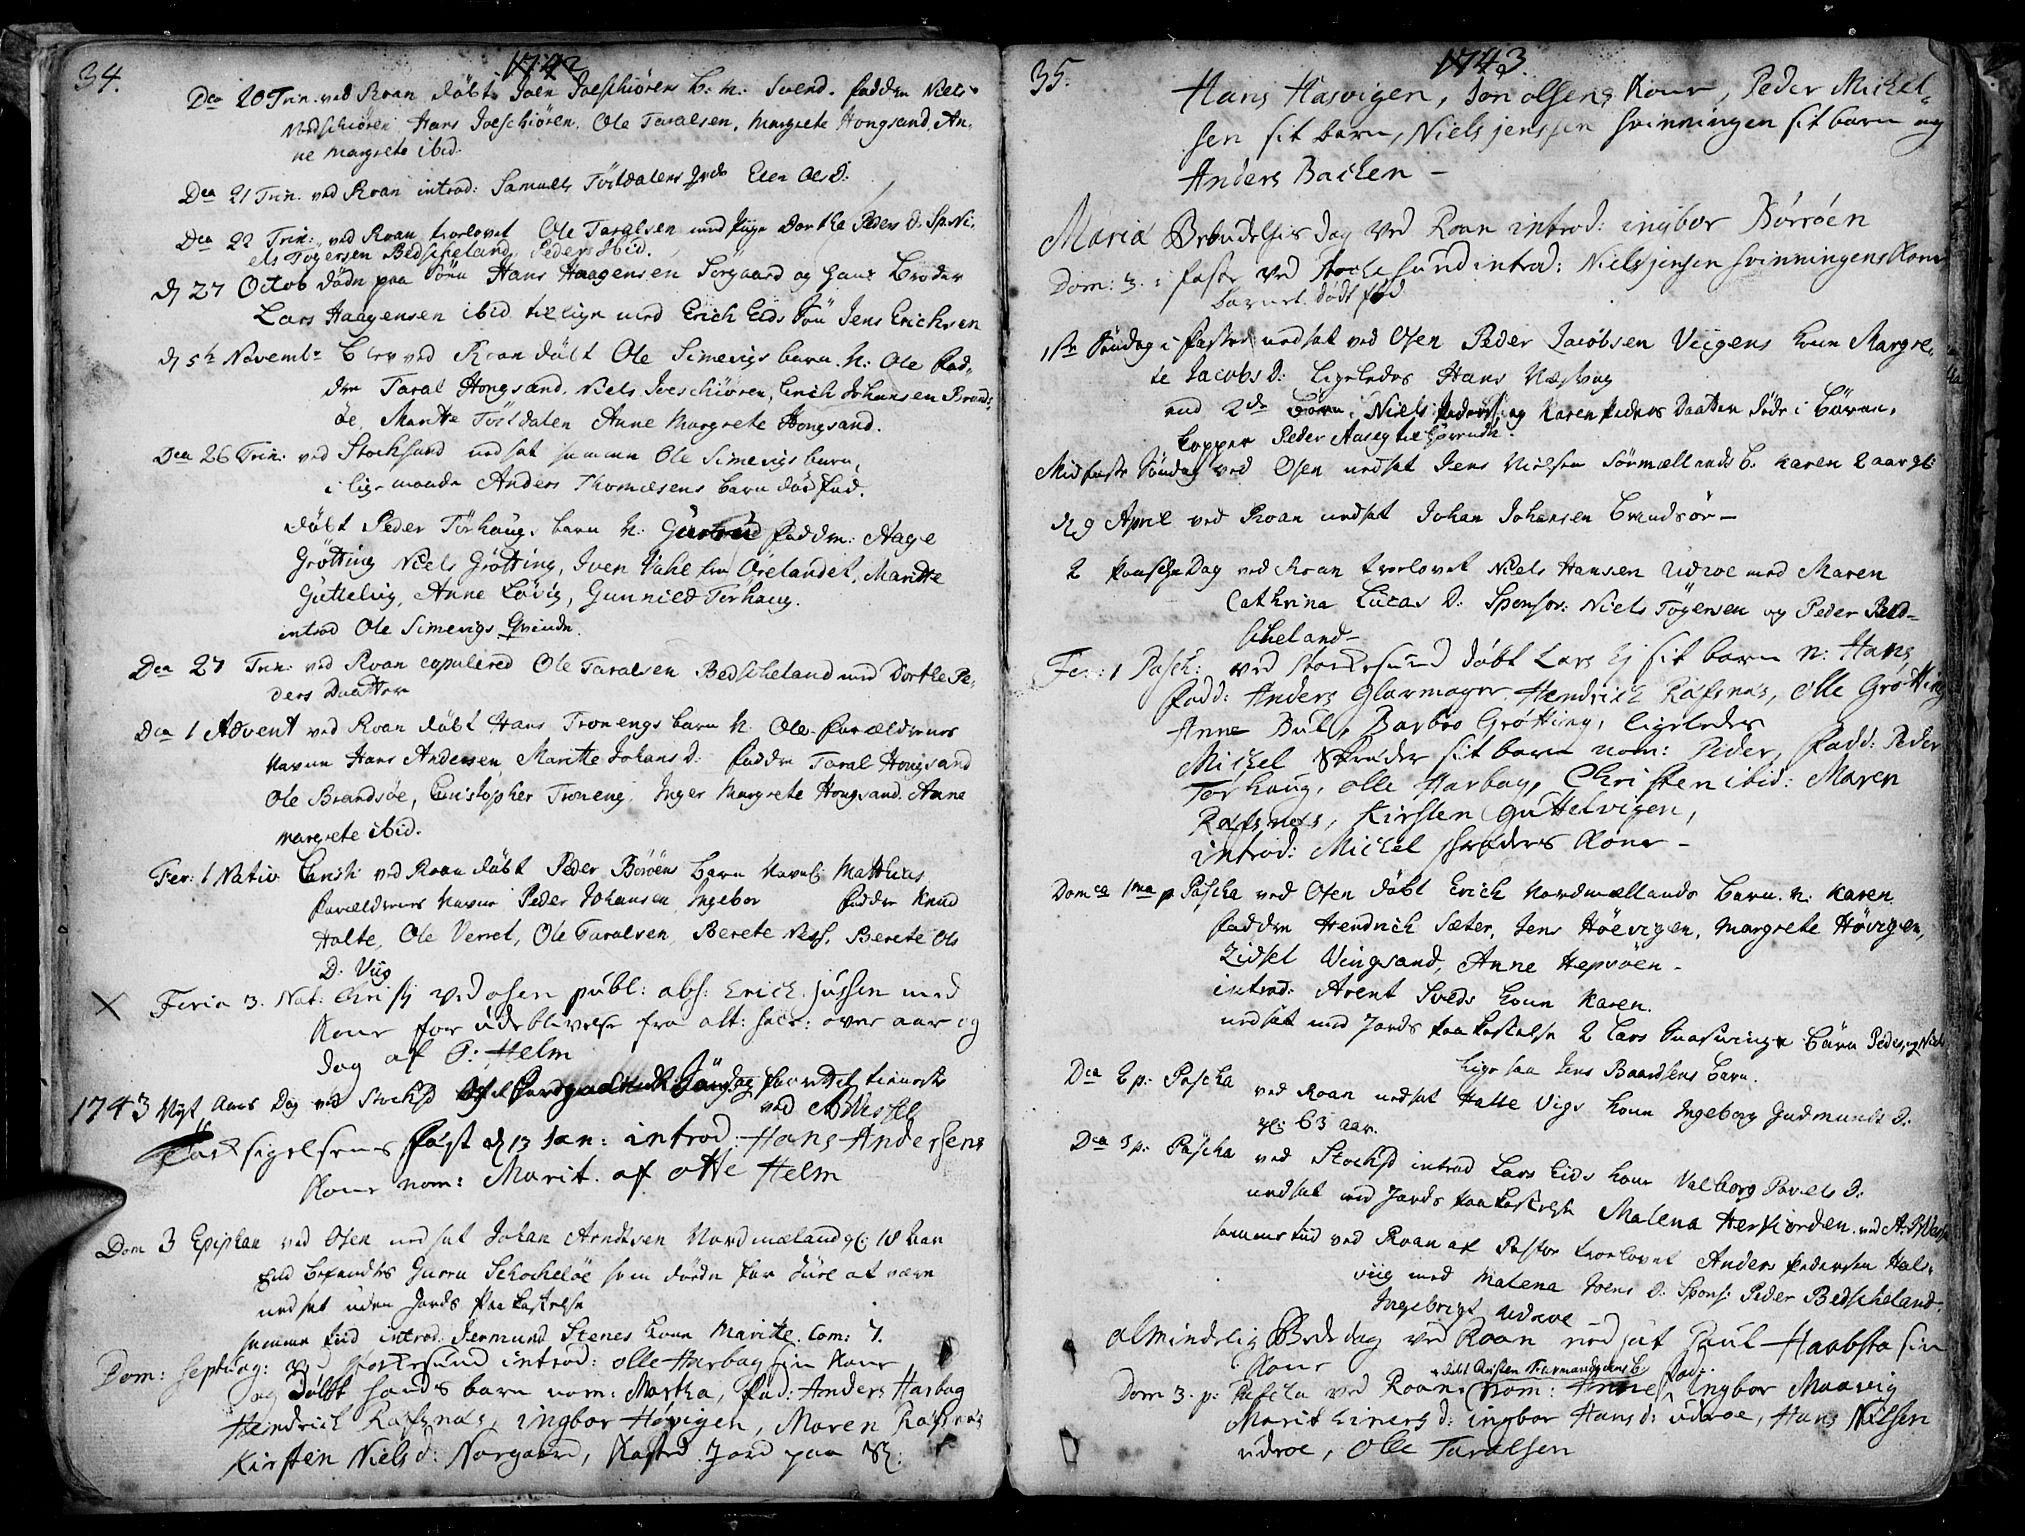 SAT, Ministerialprotokoller, klokkerbøker og fødselsregistre - Sør-Trøndelag, 657/L0700: Ministerialbok nr. 657A01, 1732-1801, s. 34-35